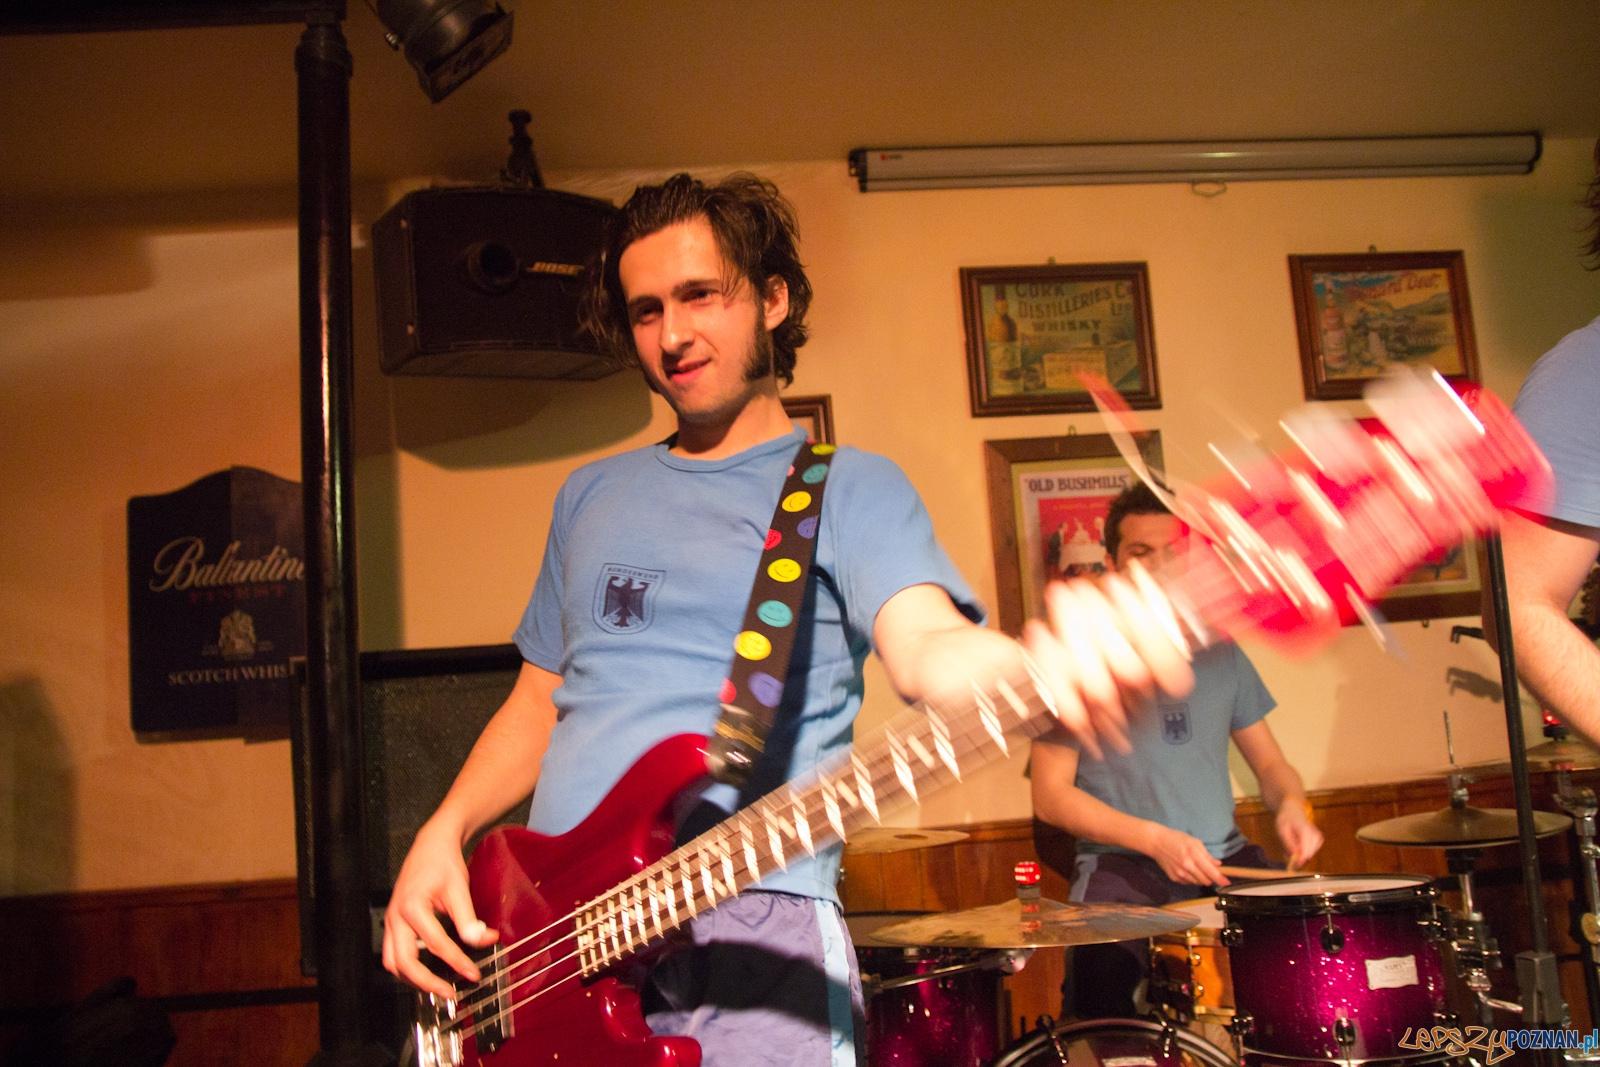 Koncert zespołu Lans Vegas - Dubliner 29.01.2012 r.  Foto: lepszyPOZNAN.pl / Piotr Rychter